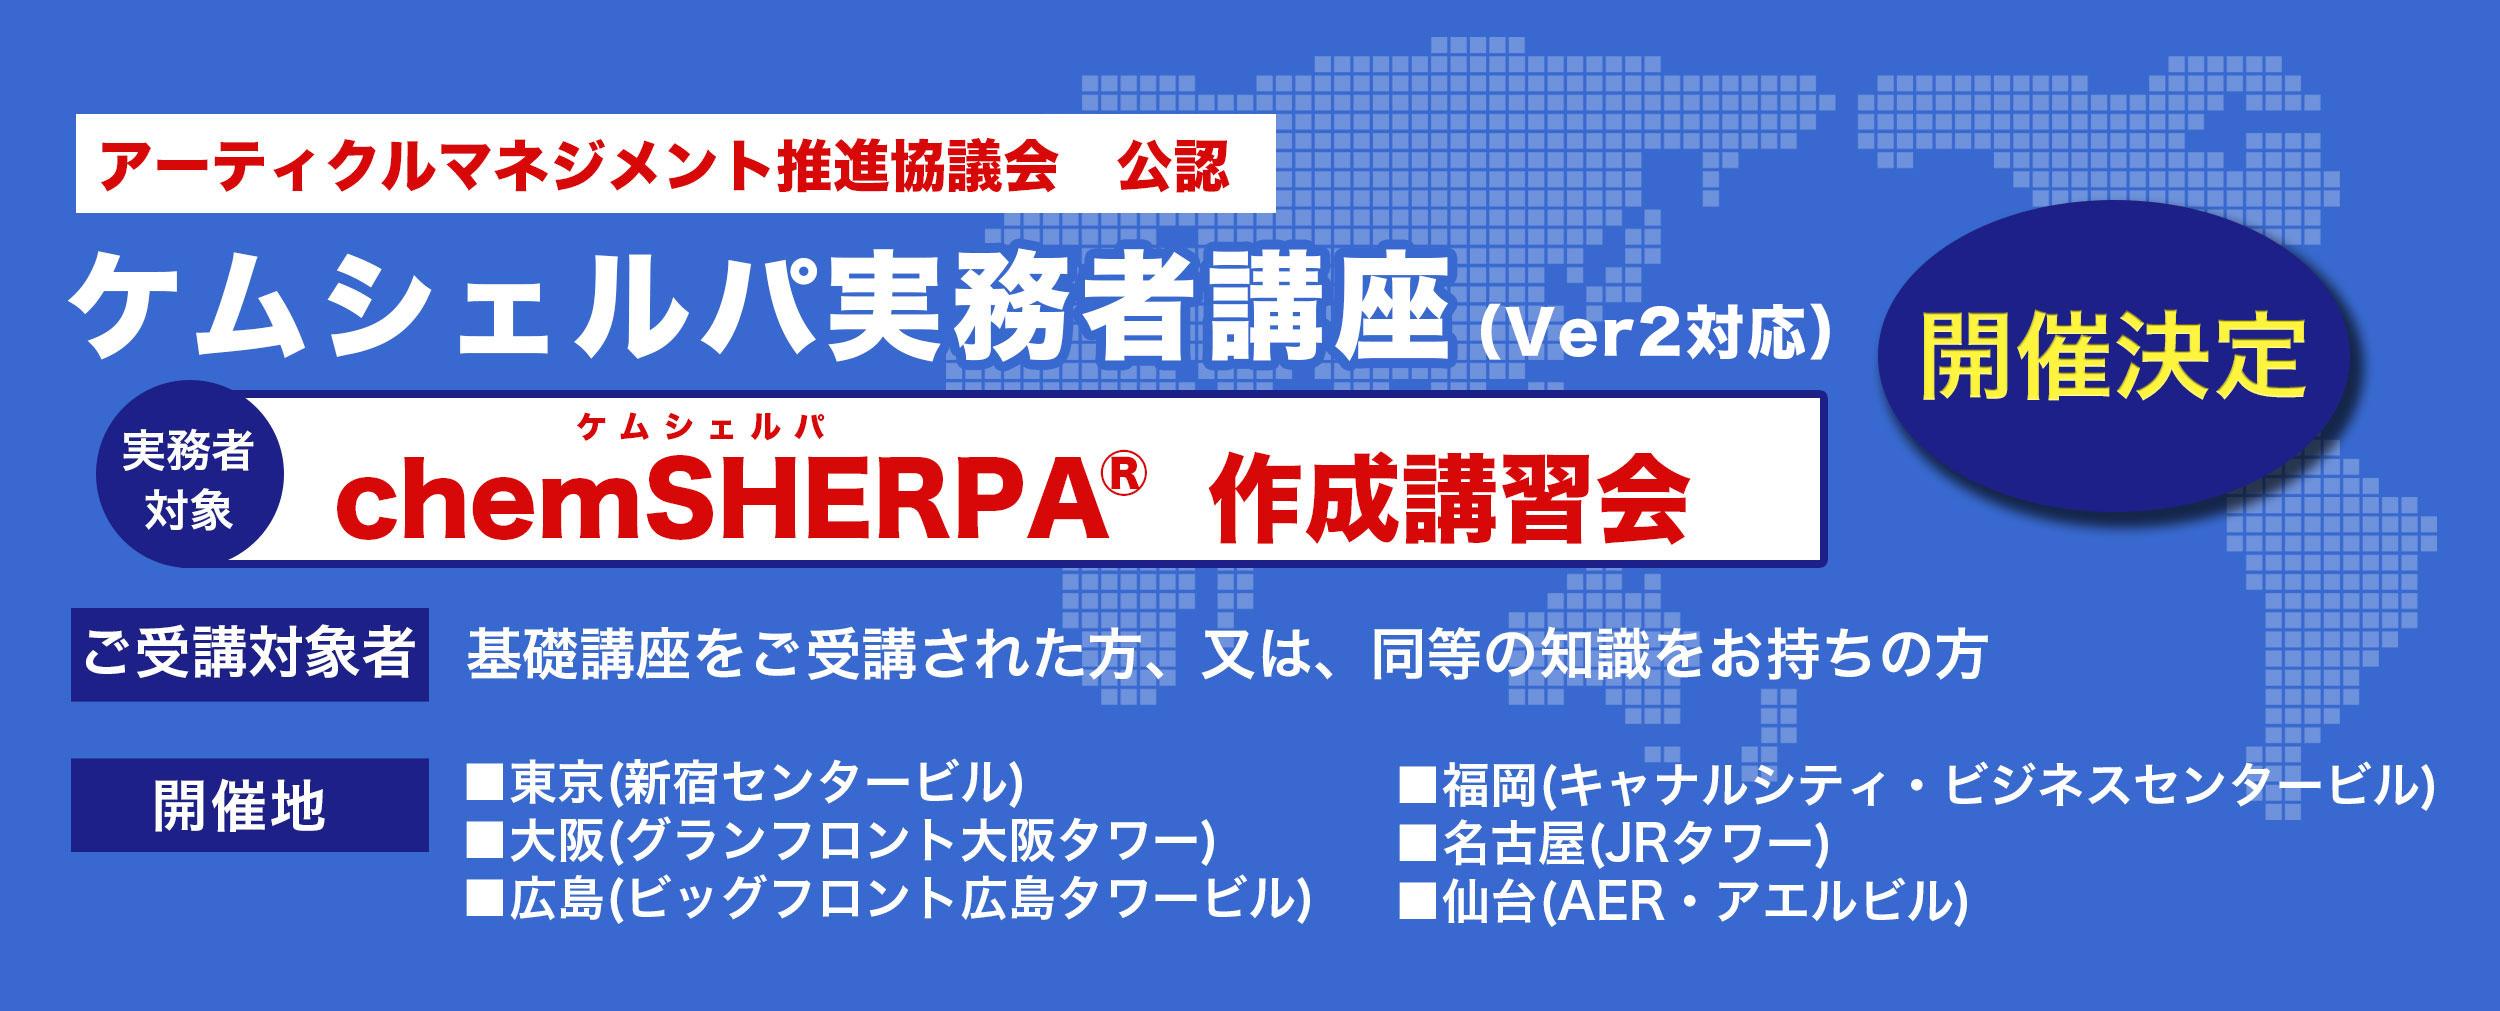 chemSHERPA(ケムシェルパ)実務者講座開催